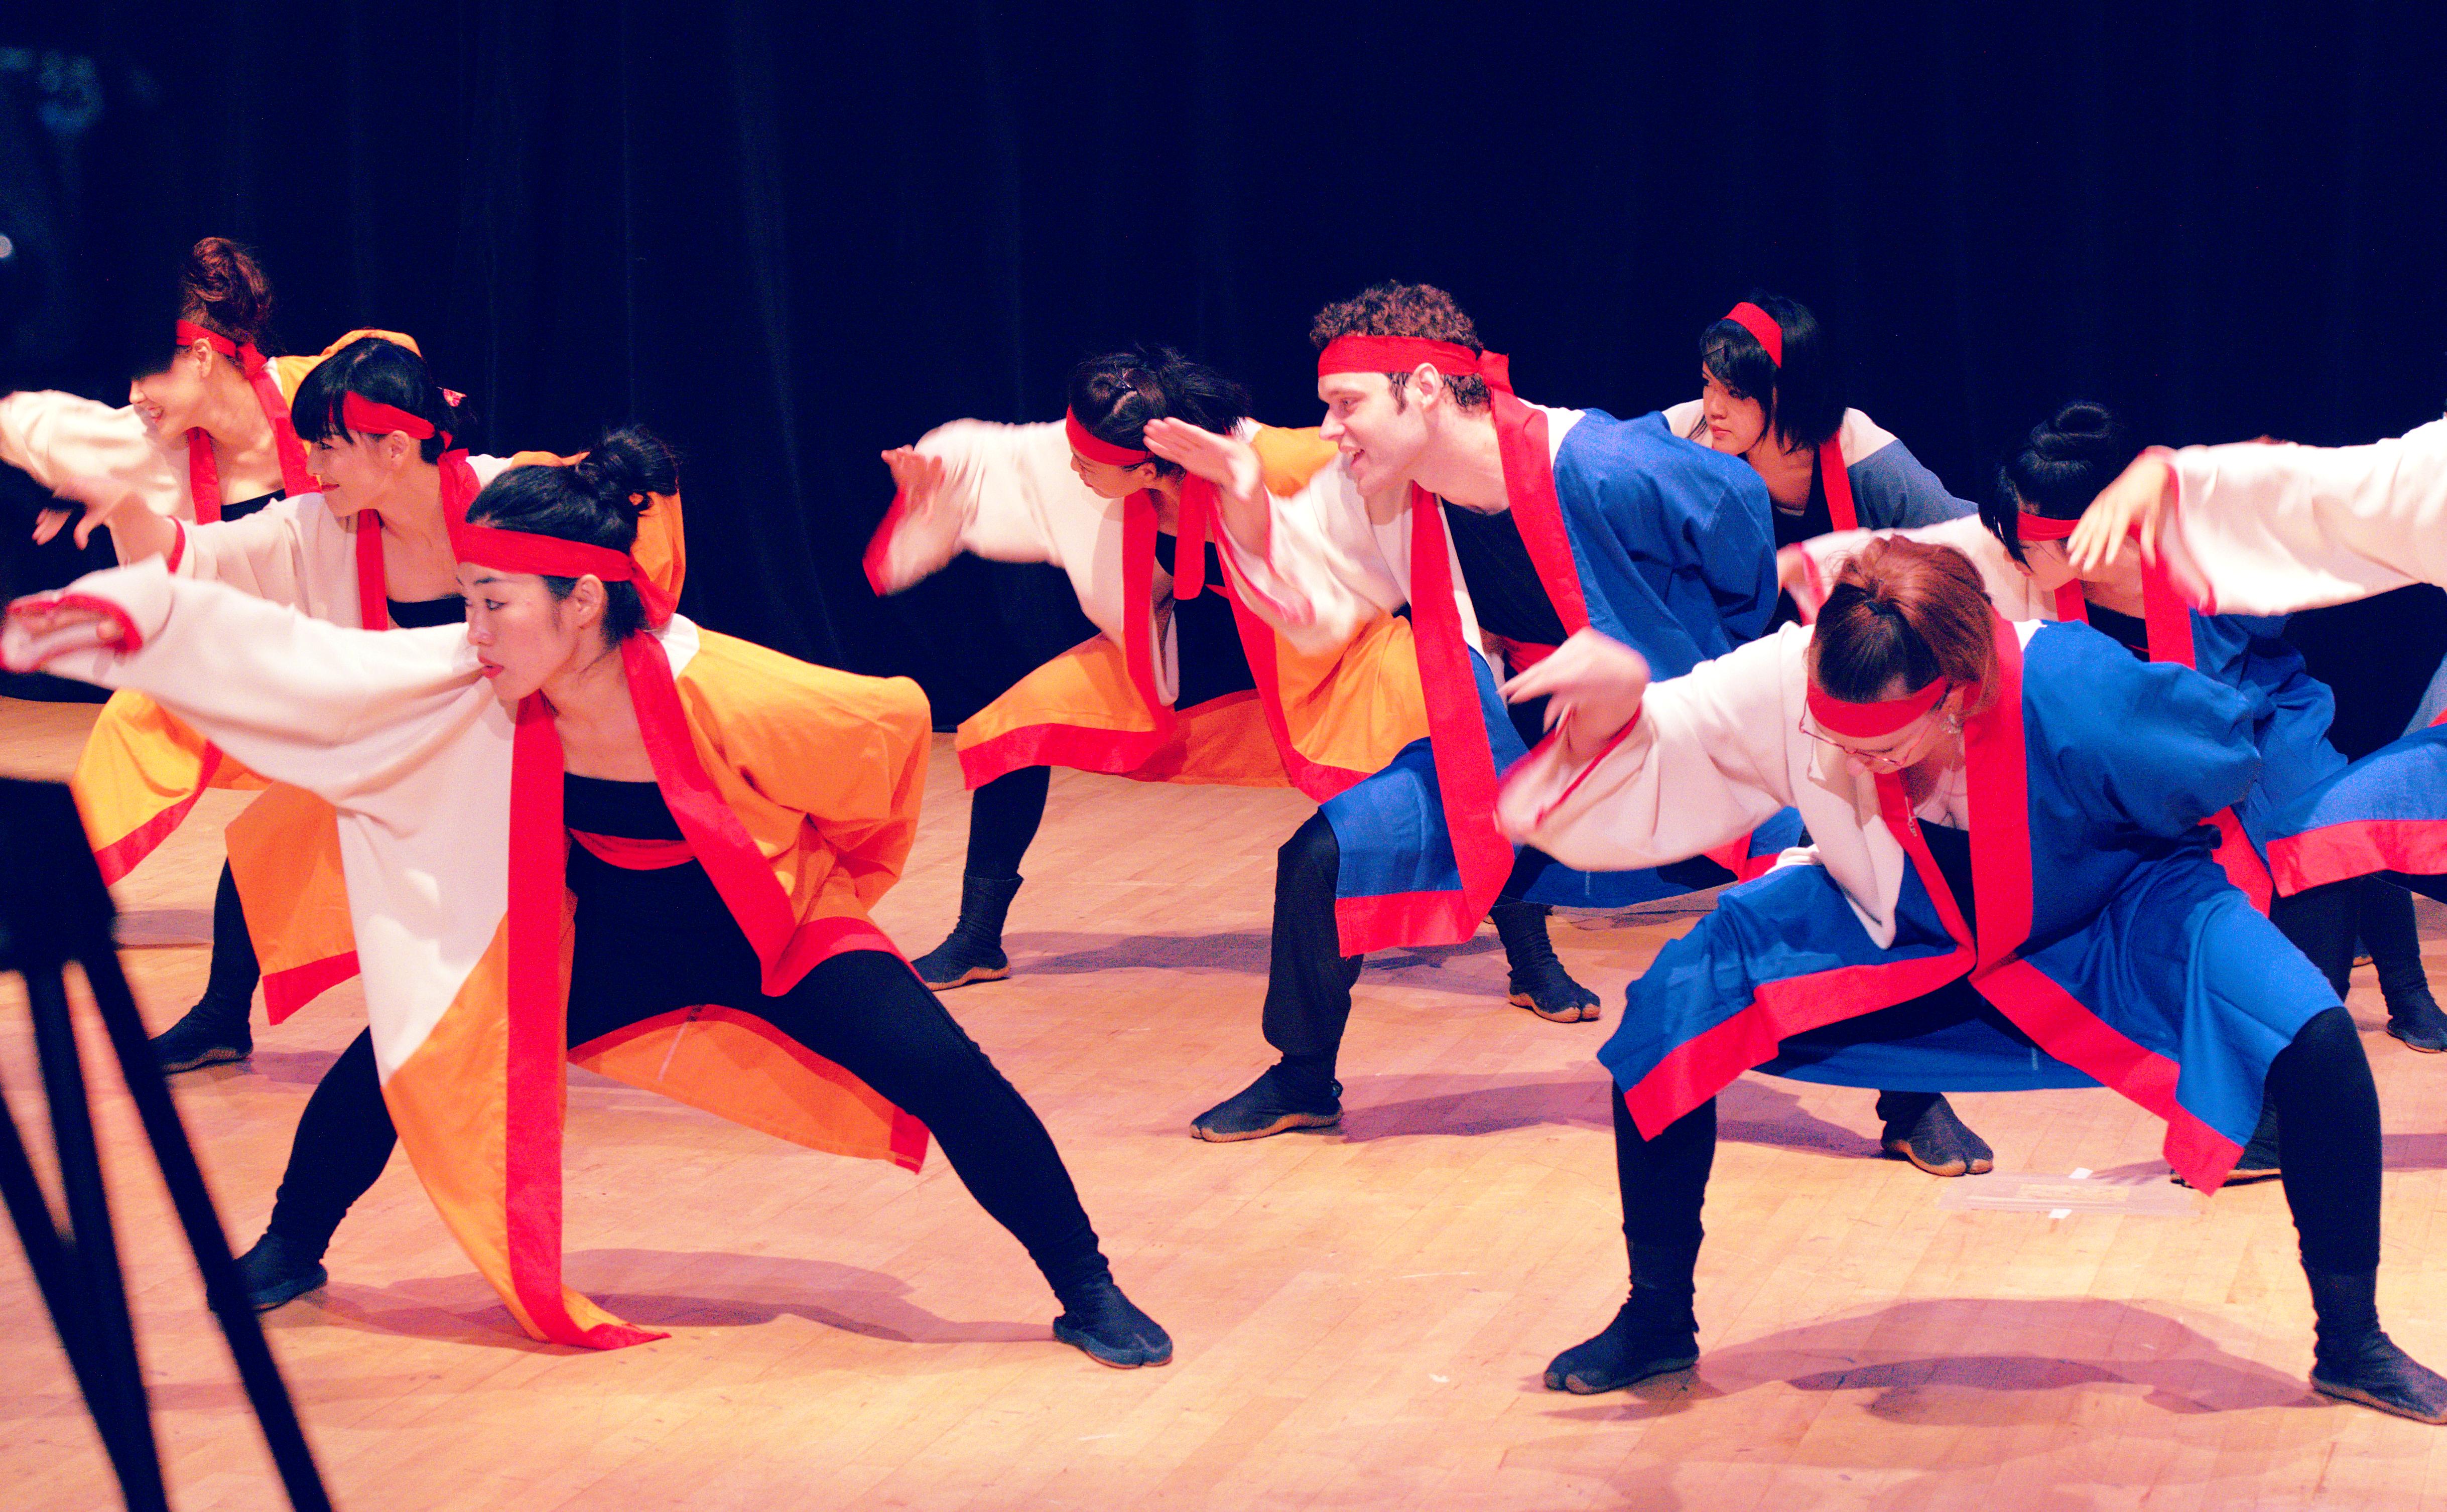 Soran Bushi Starting Waves, Camera, Dance, Dancer, Girl, HQ Photo